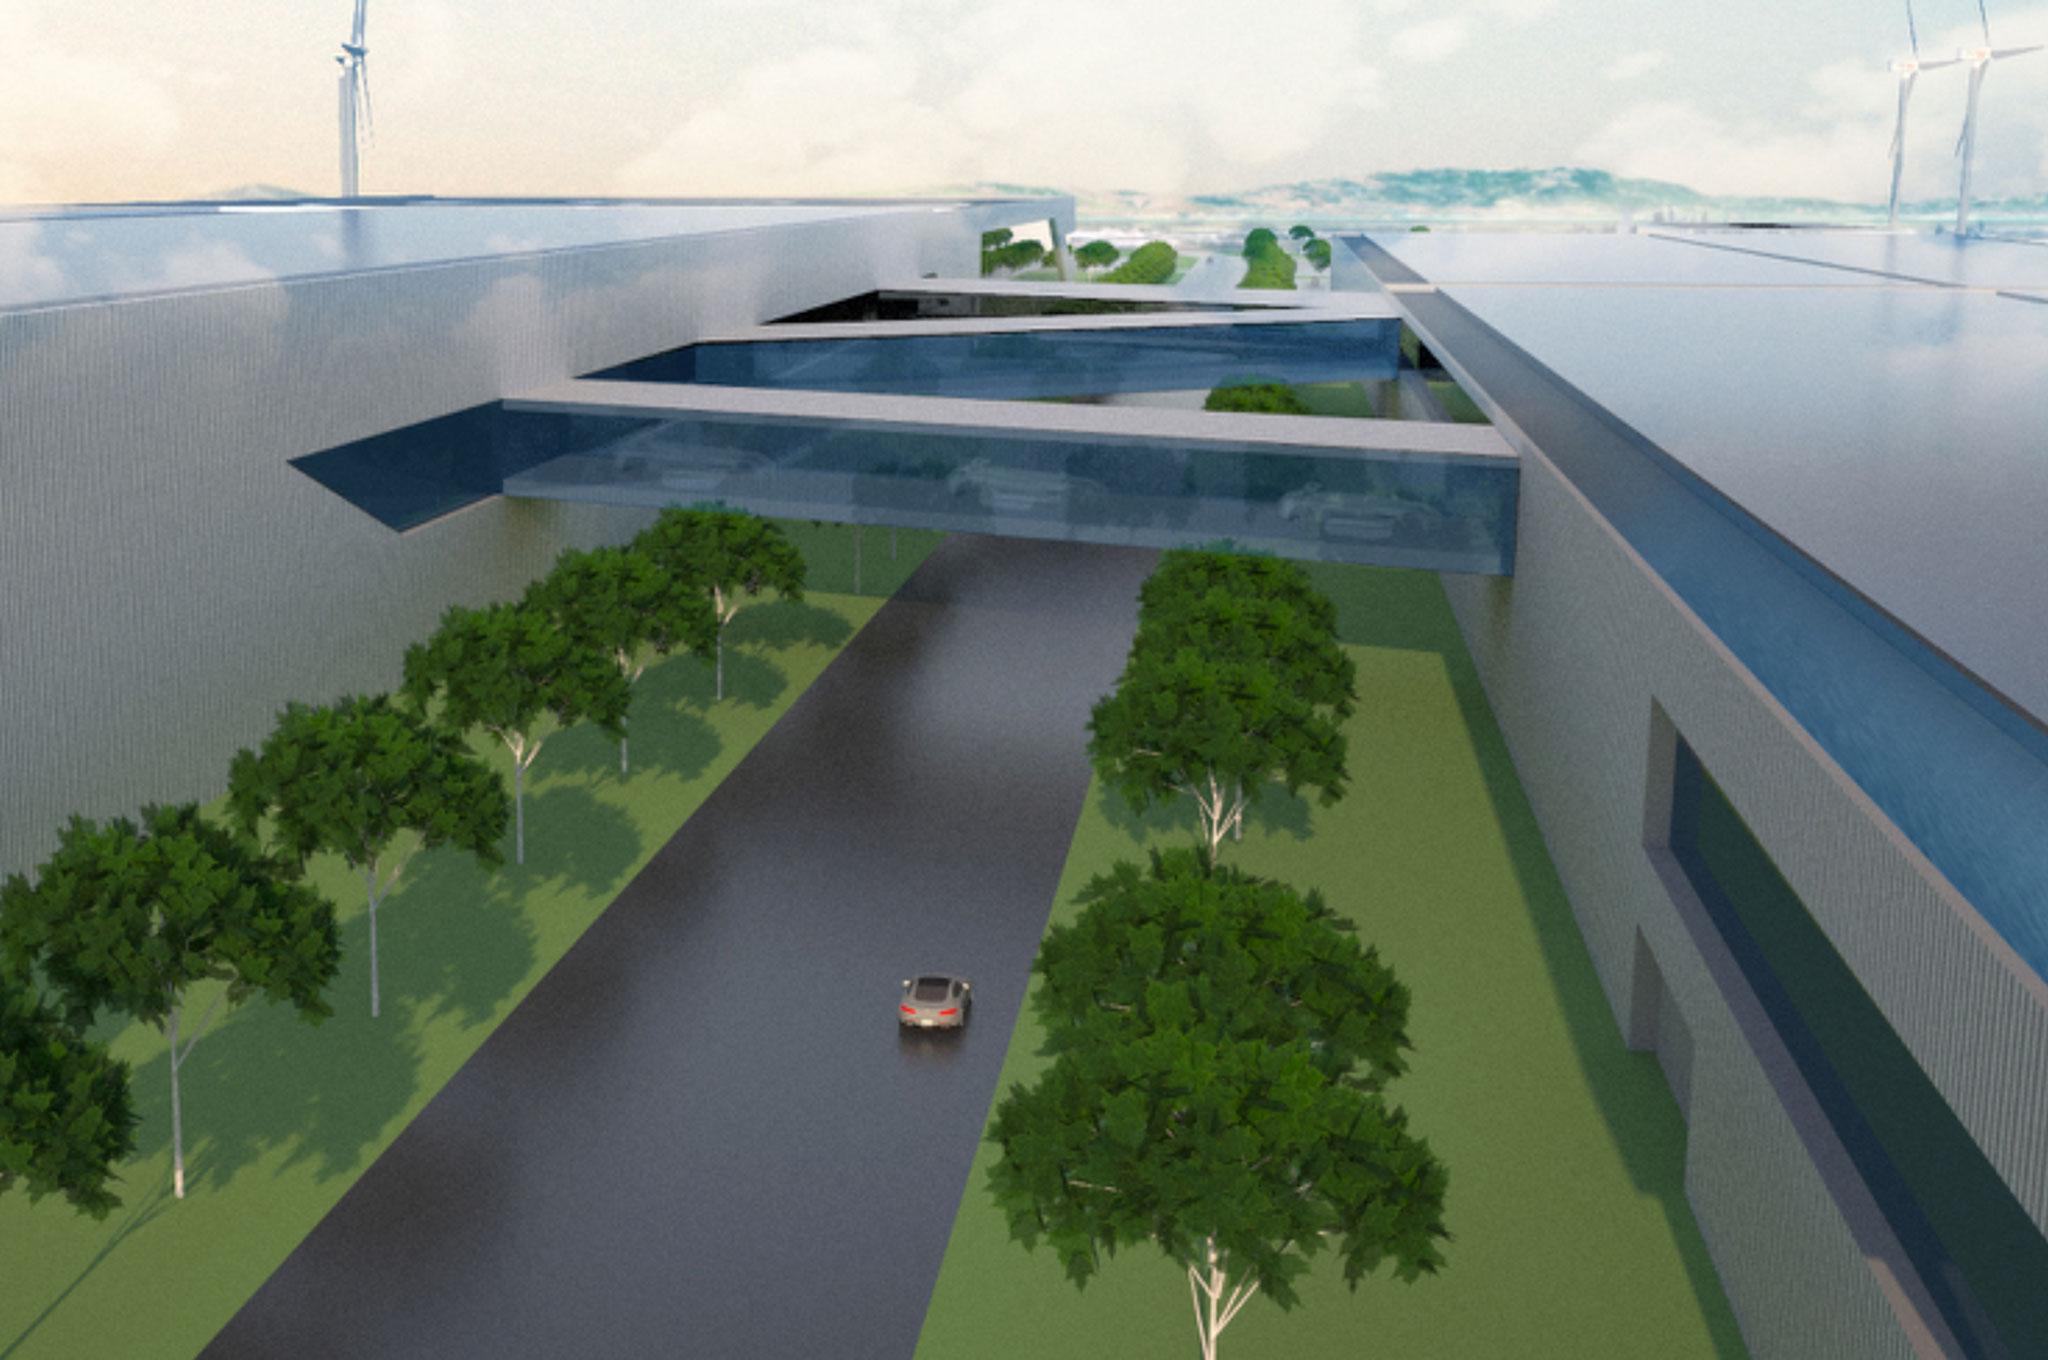 faraday future manufacturing plant